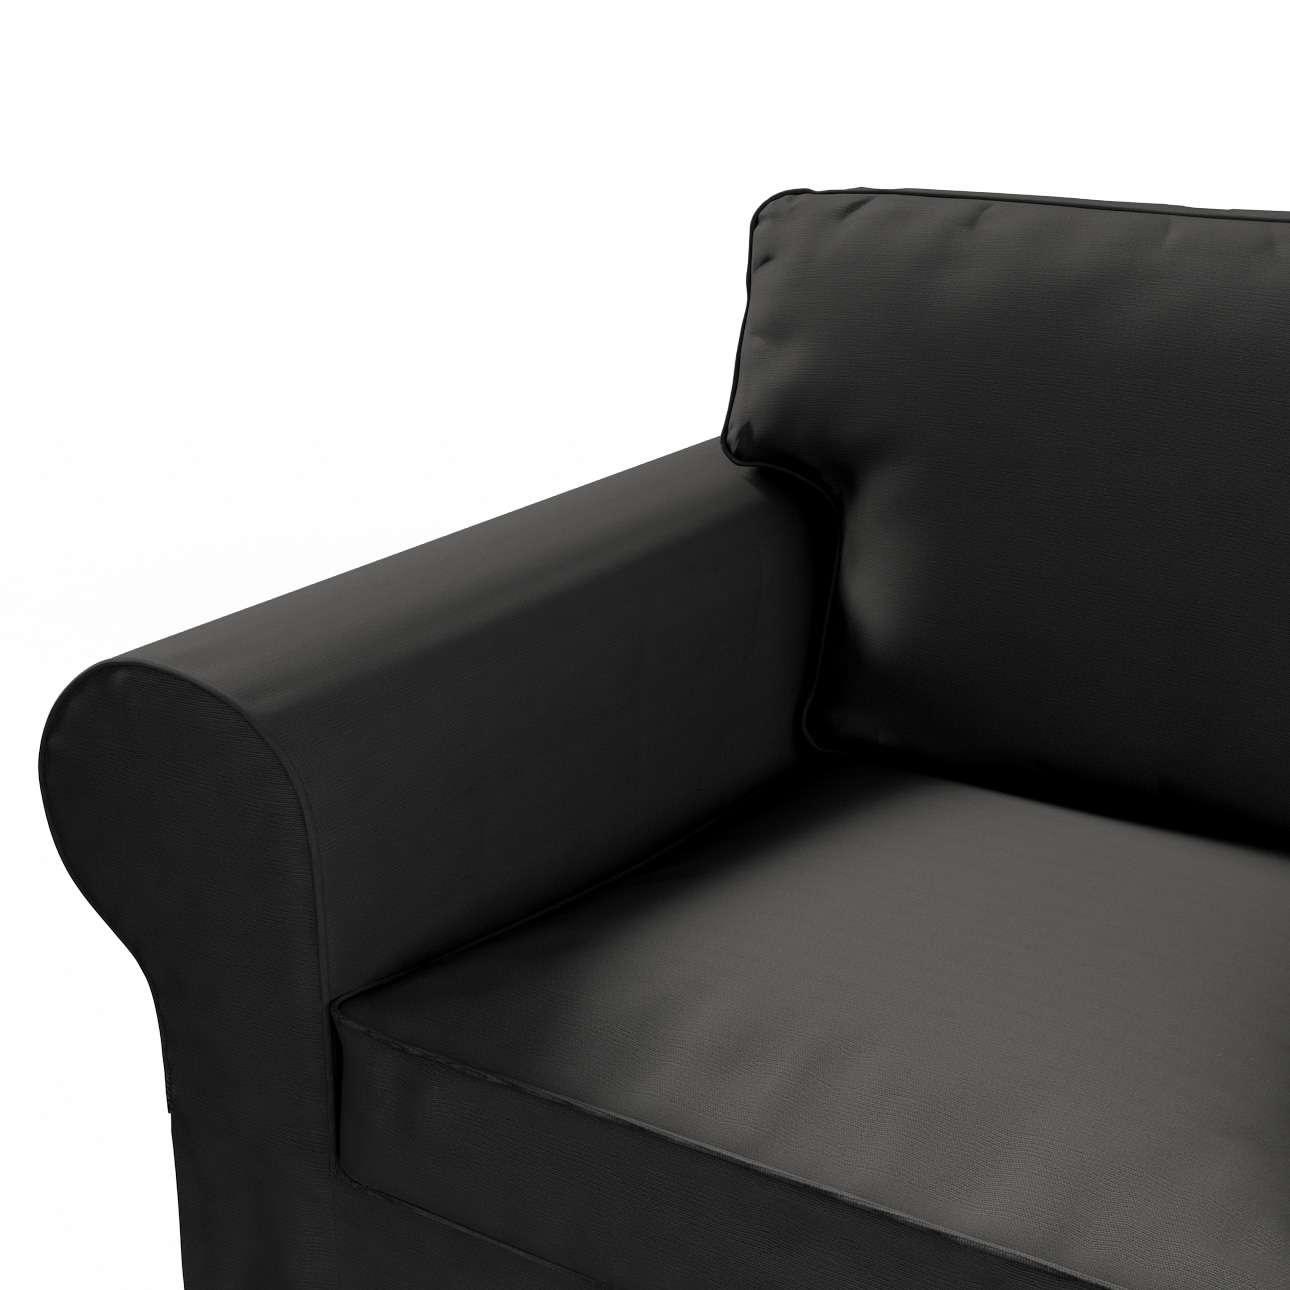 Poťah na sedačku Ektorp (rozkladacia, pre 2 osoby) NOVÝ MODEL 2012 V kolekcii Cotton Panama, tkanina: 702-08